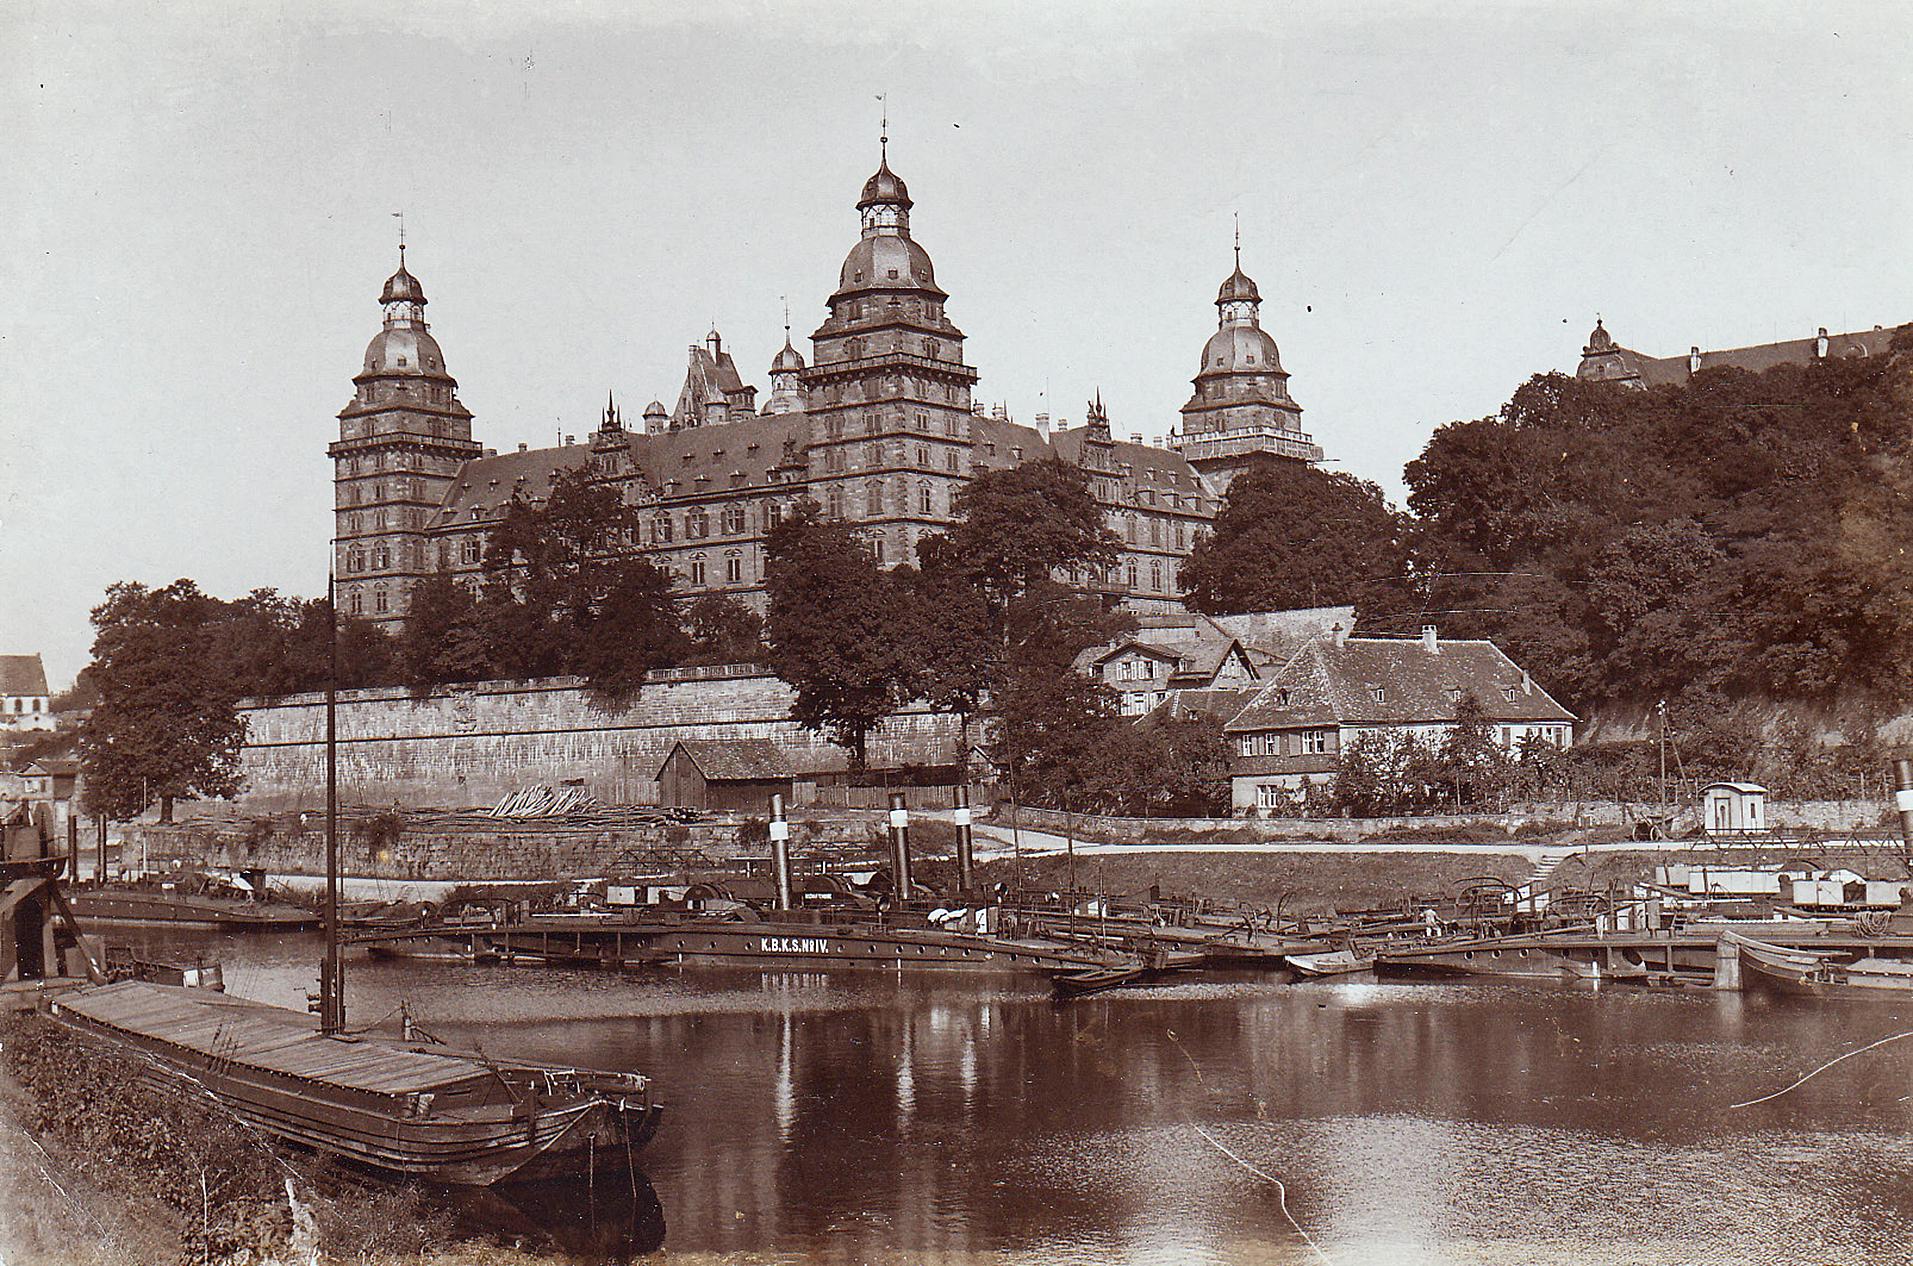 © Fotografie, 1916. Stadt- und Stiftsarchiv Aschaffenburg, Fotosammlung